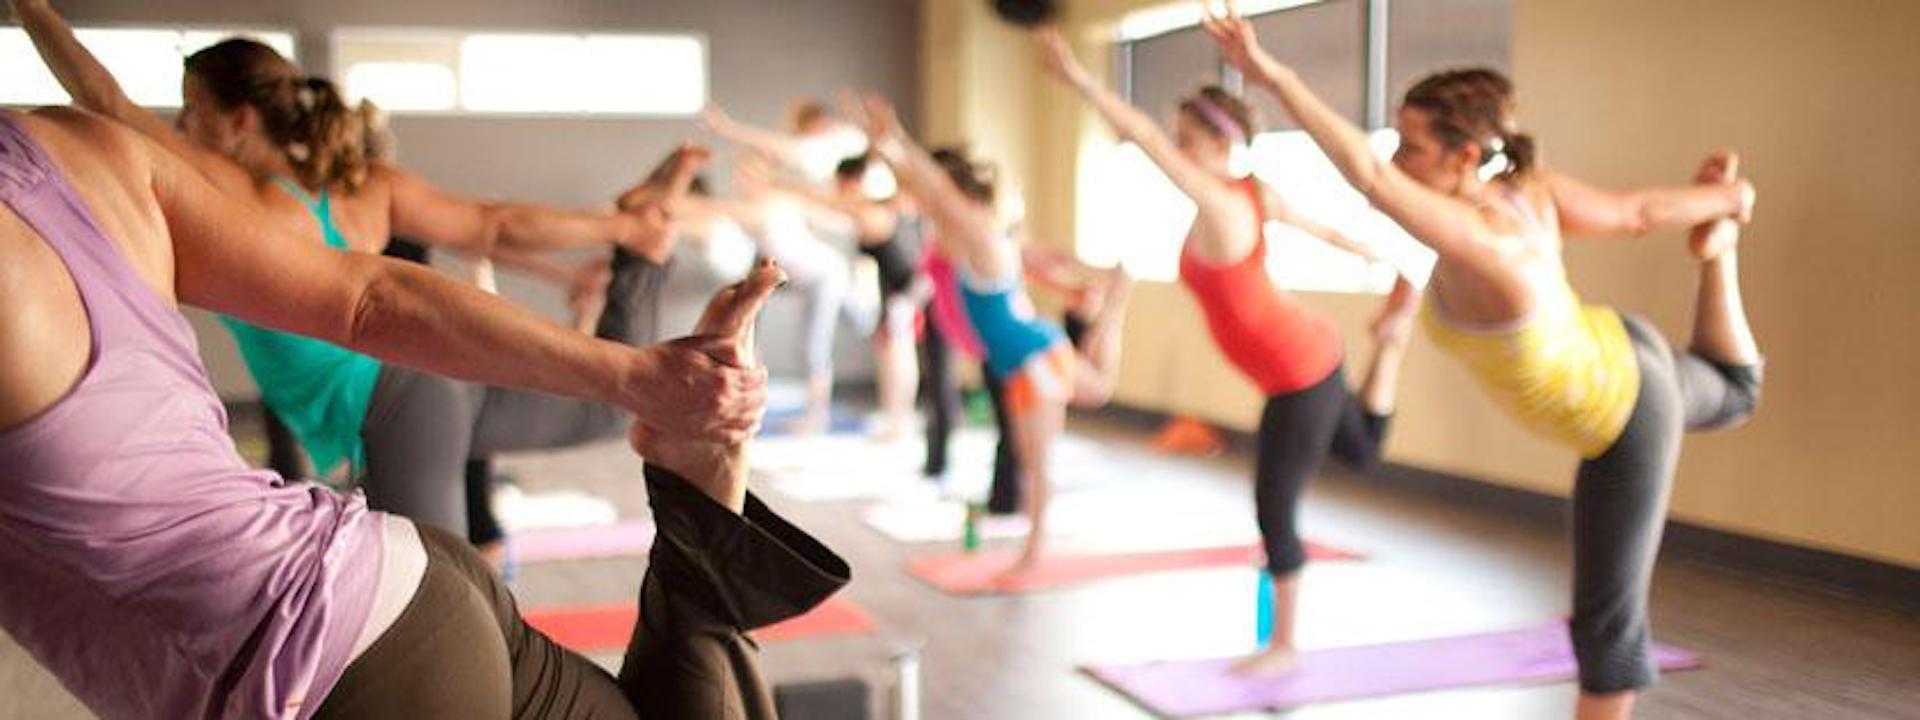 Mataip Pilates